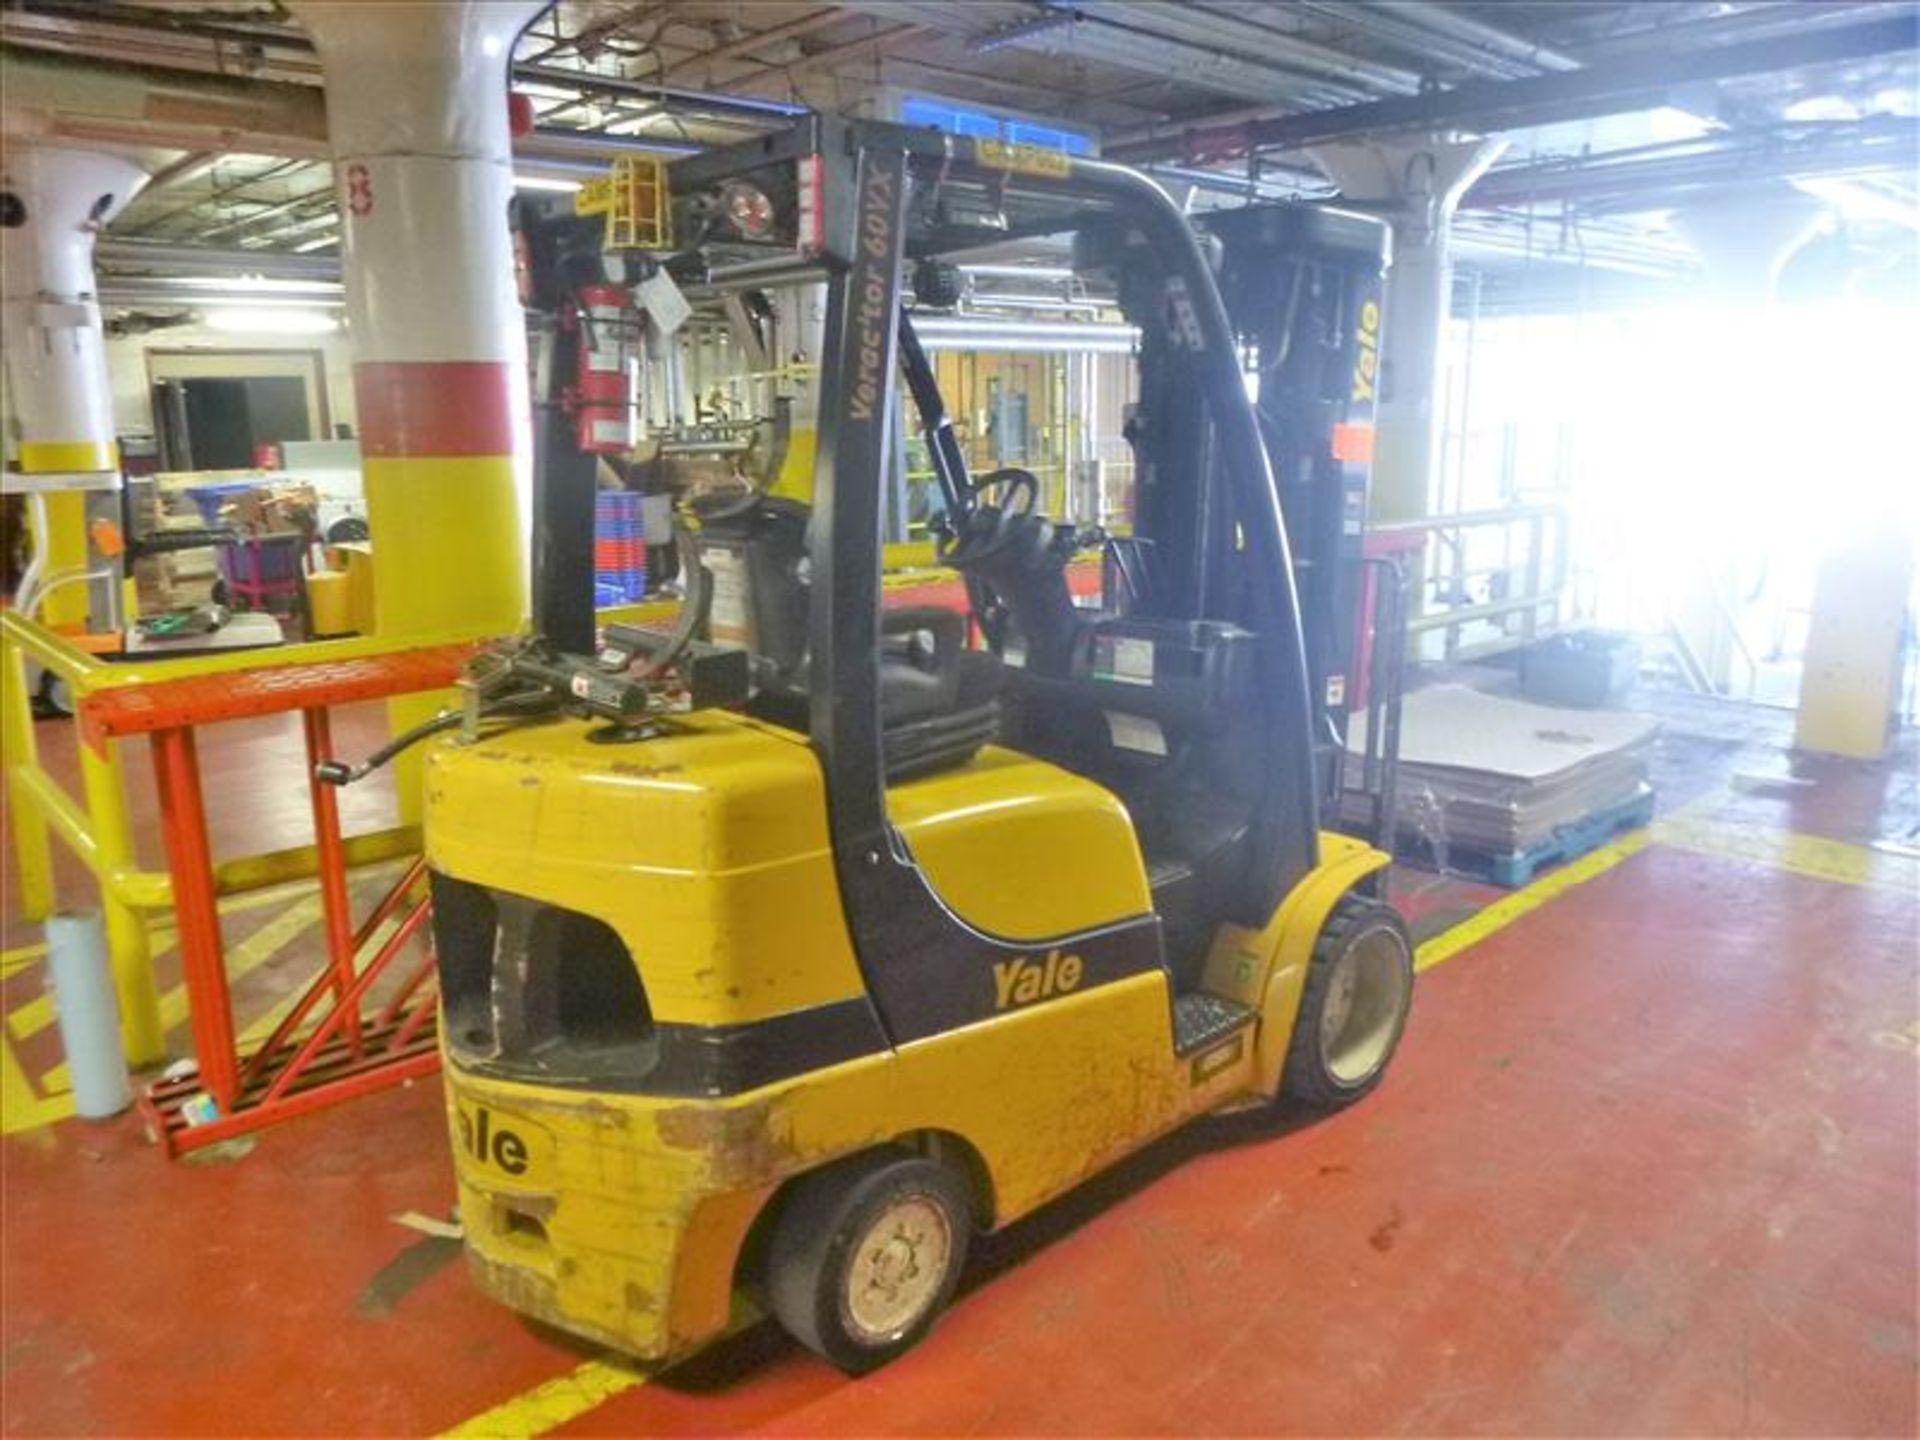 Lot 2001 - Yale fork lift truck, mod. GLC060VXNDAQ084, ser. no. C910V01937N, LPG, 4000 lbs cap., 240 in. lift